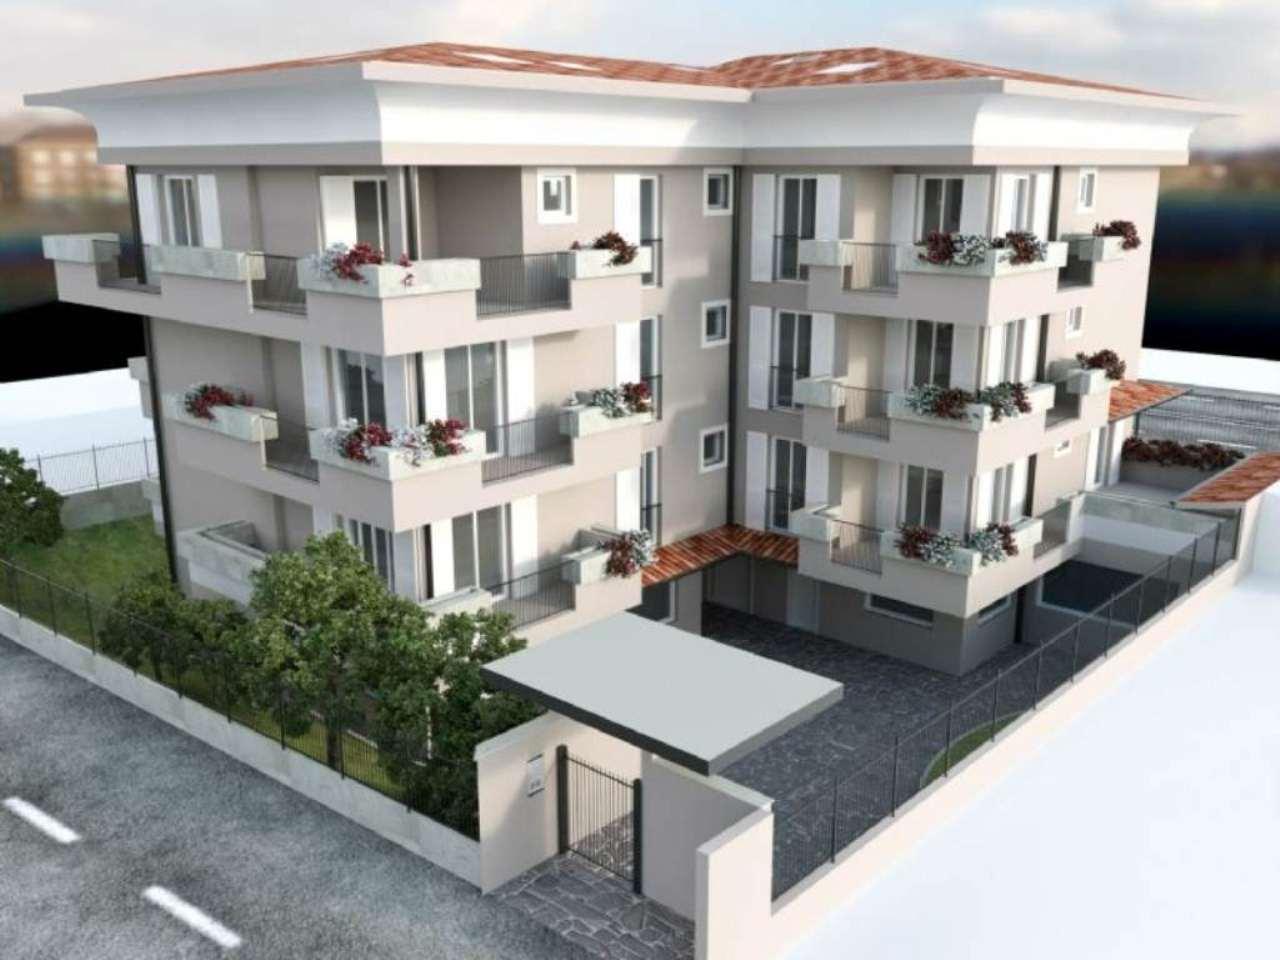 Ufficio / Studio in vendita a Inzago, 1 locali, prezzo € 160.000 | Cambio Casa.it